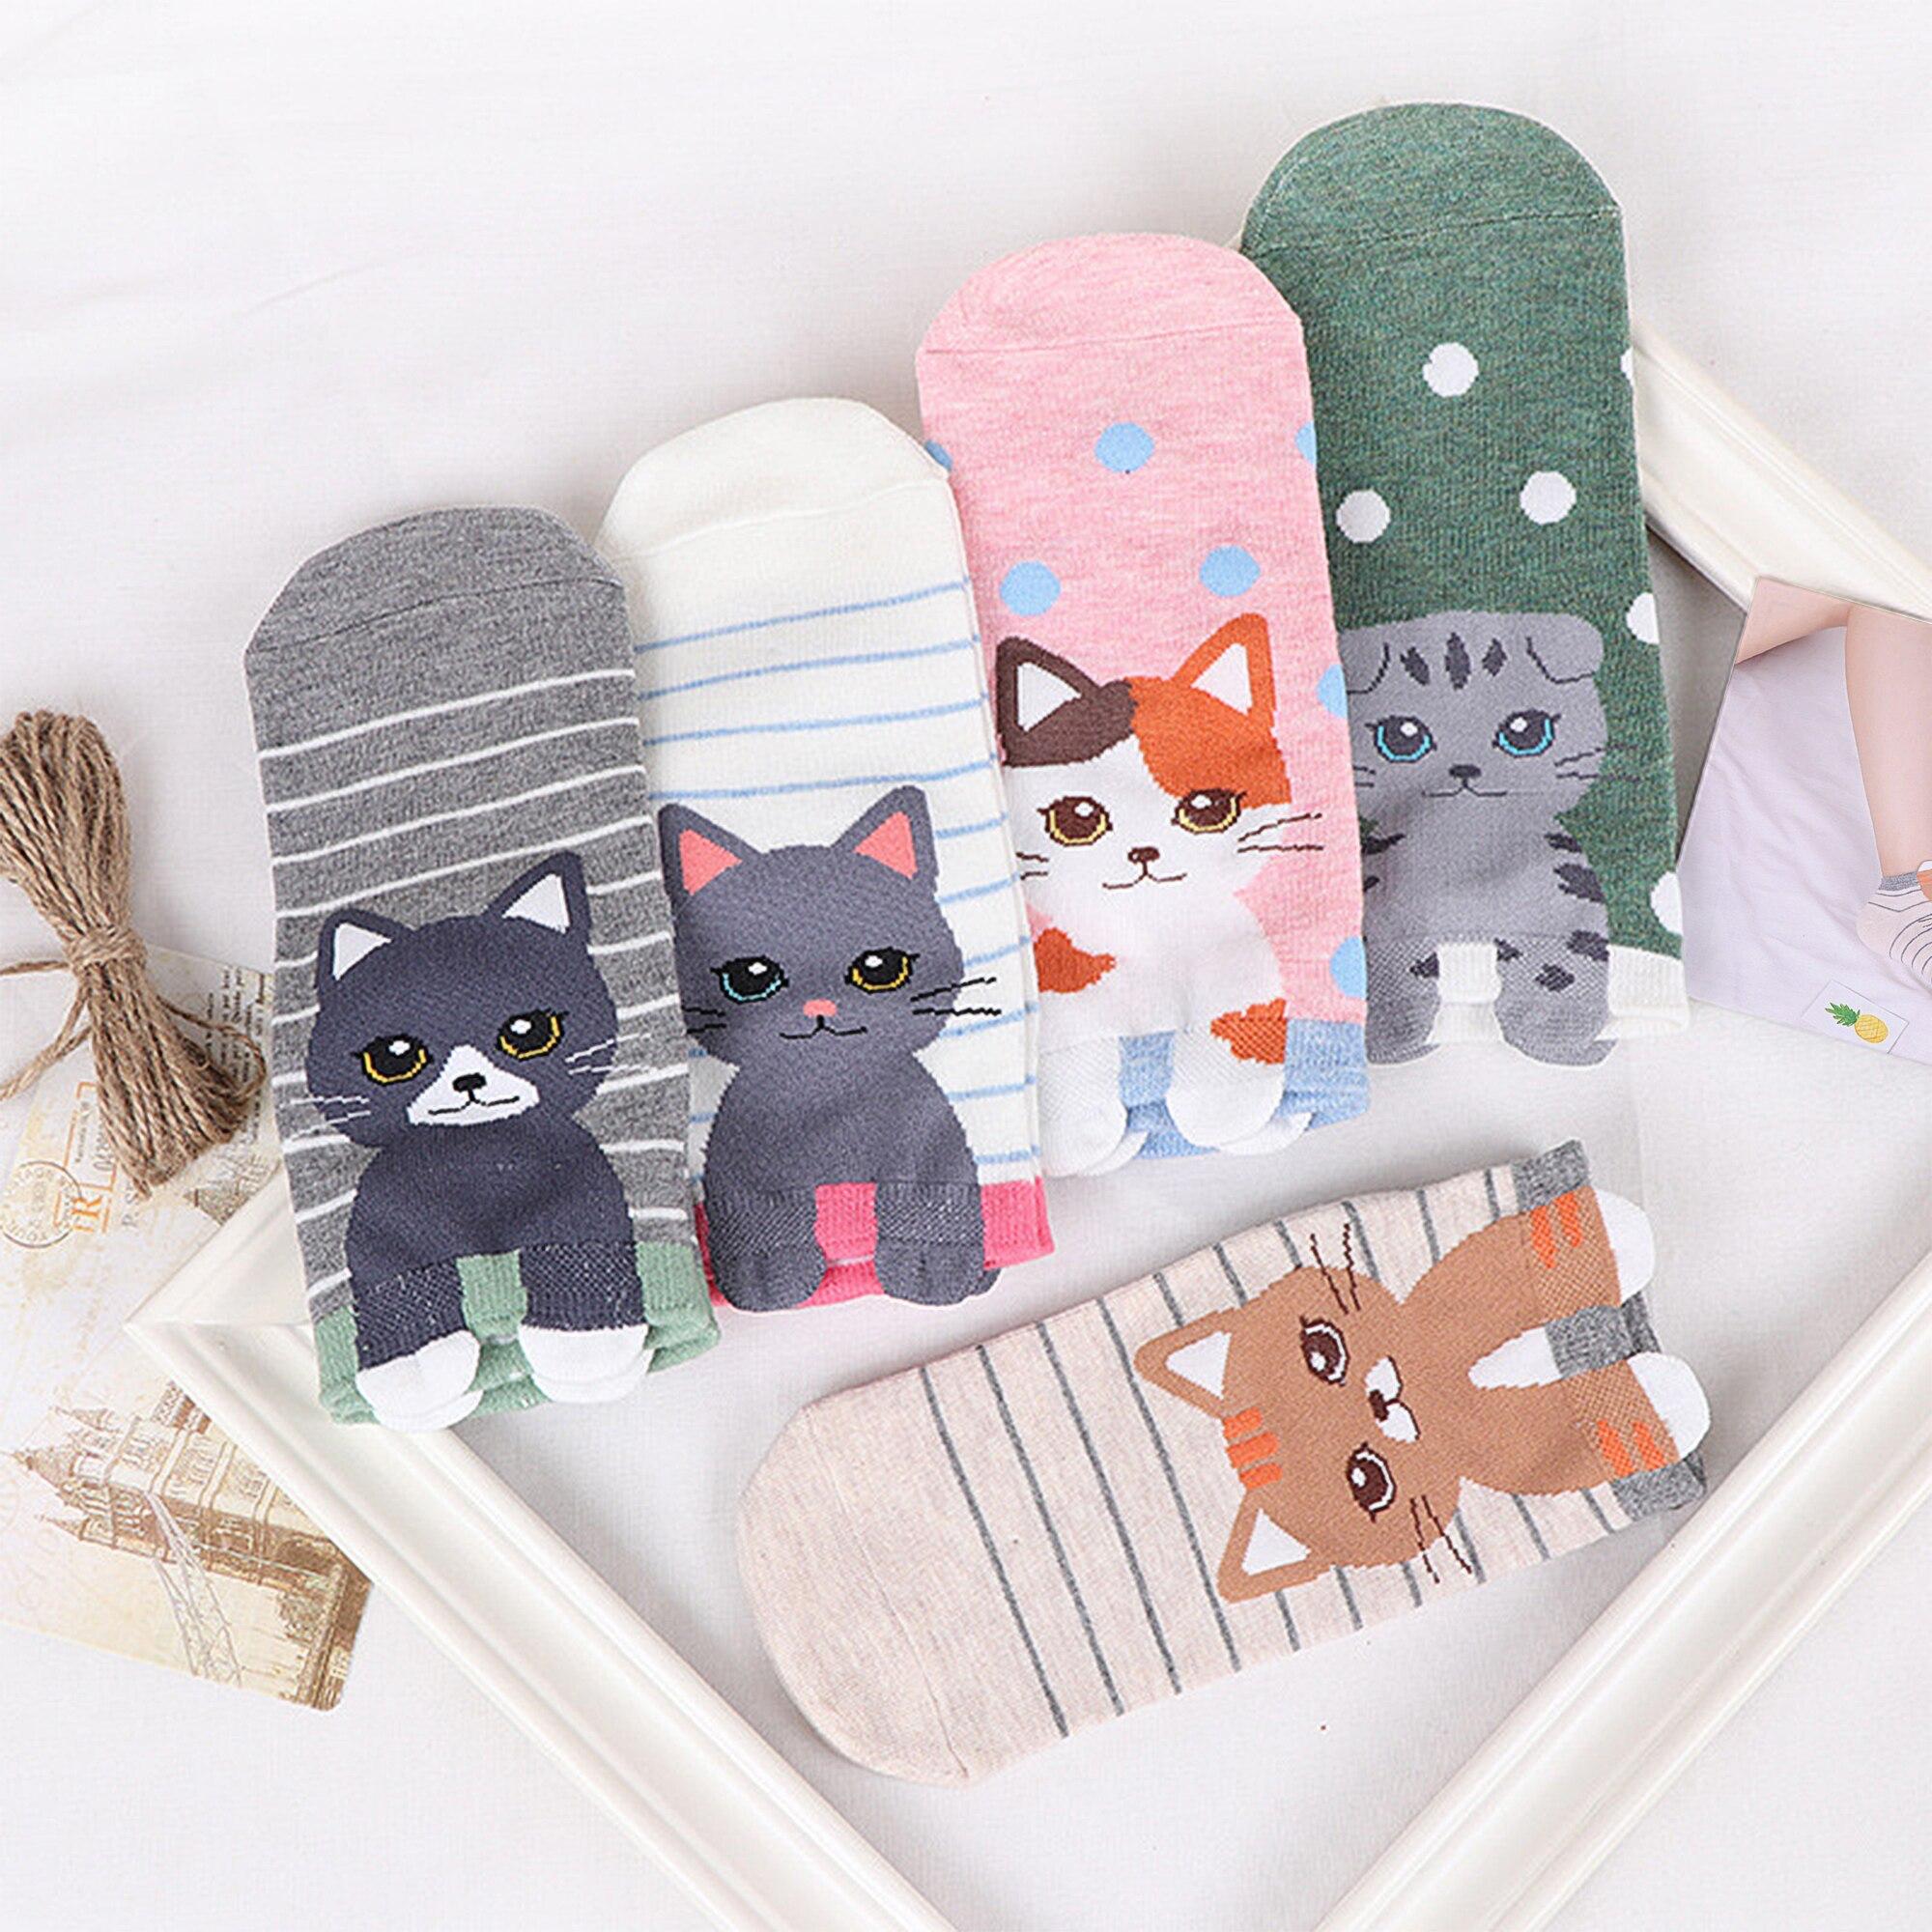 1-paires-femmes-coton-chaussettes-dr-le-mignon-heureux-chat-cheville-court-femmes-chaussettes-d-contract